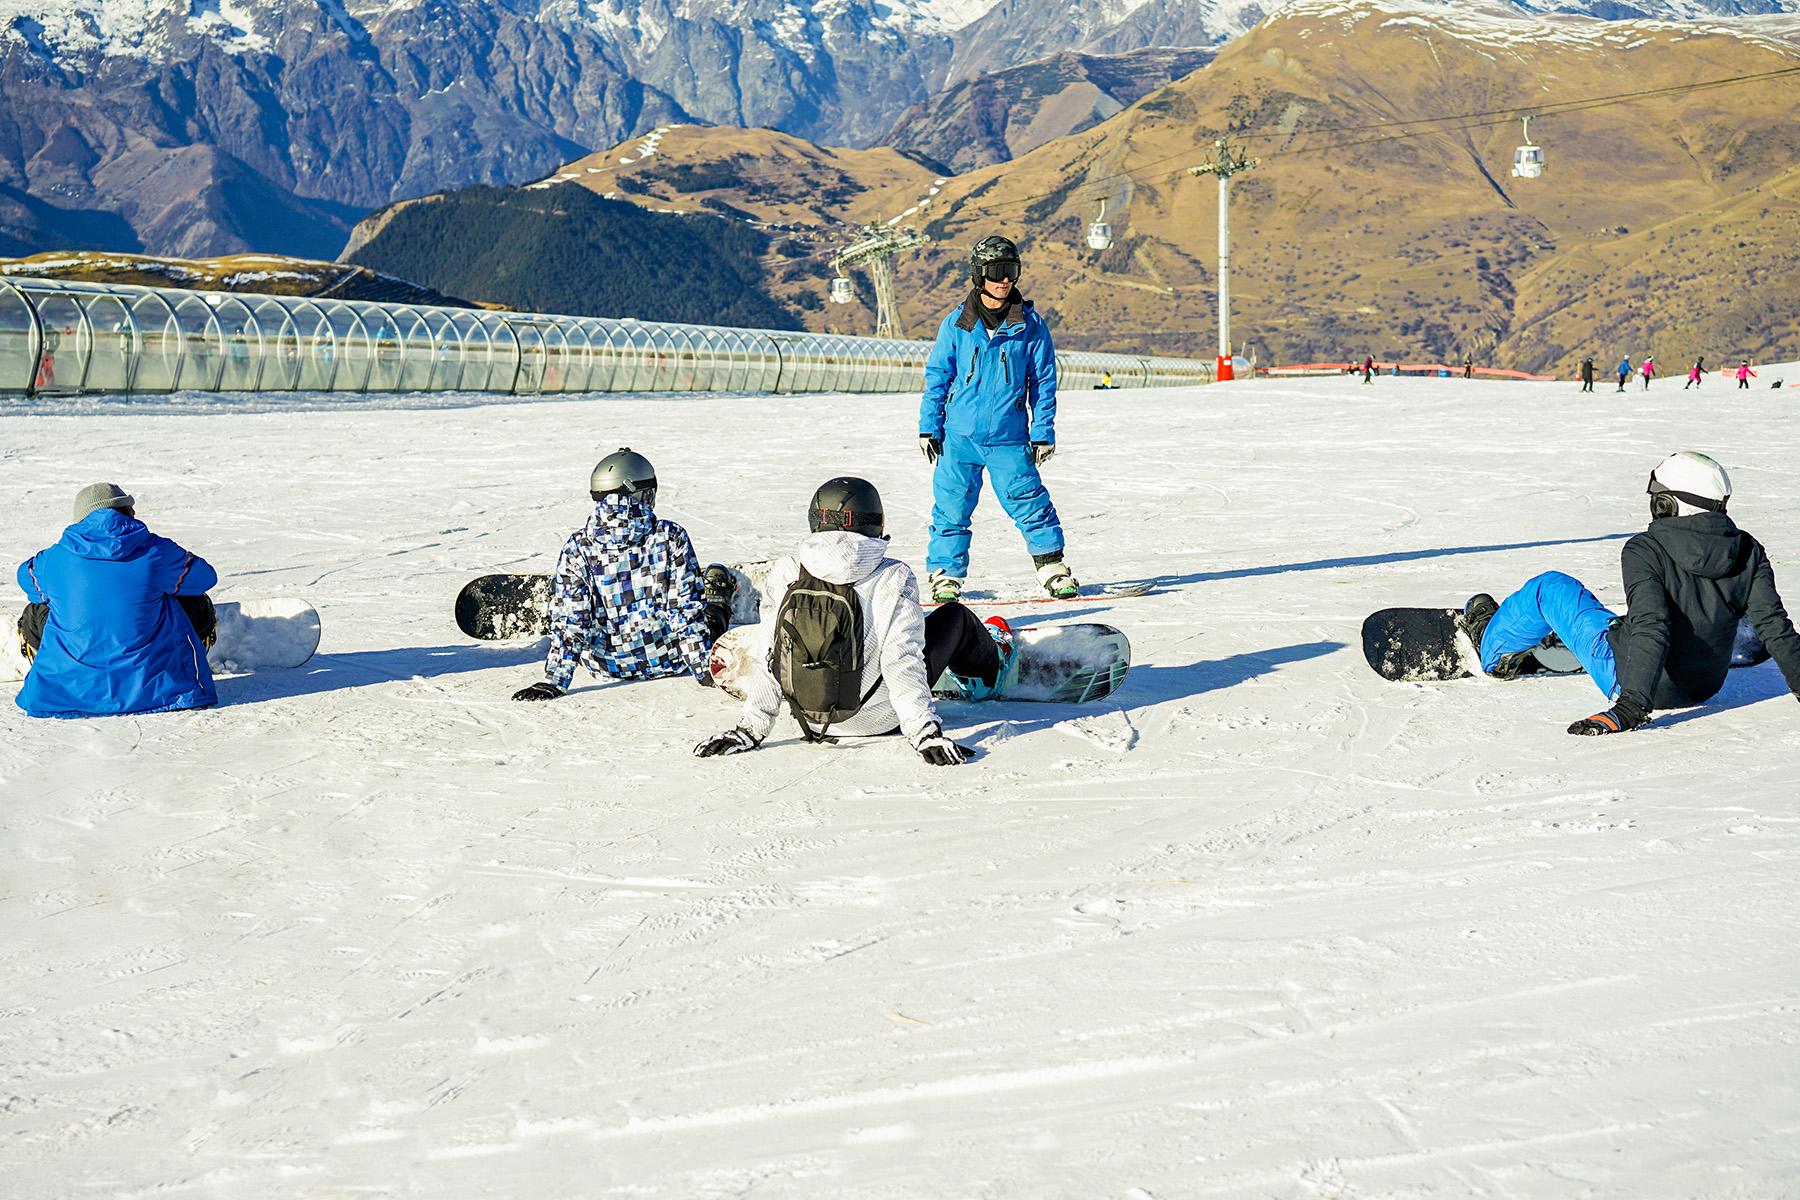 Swiss boarding schools activities